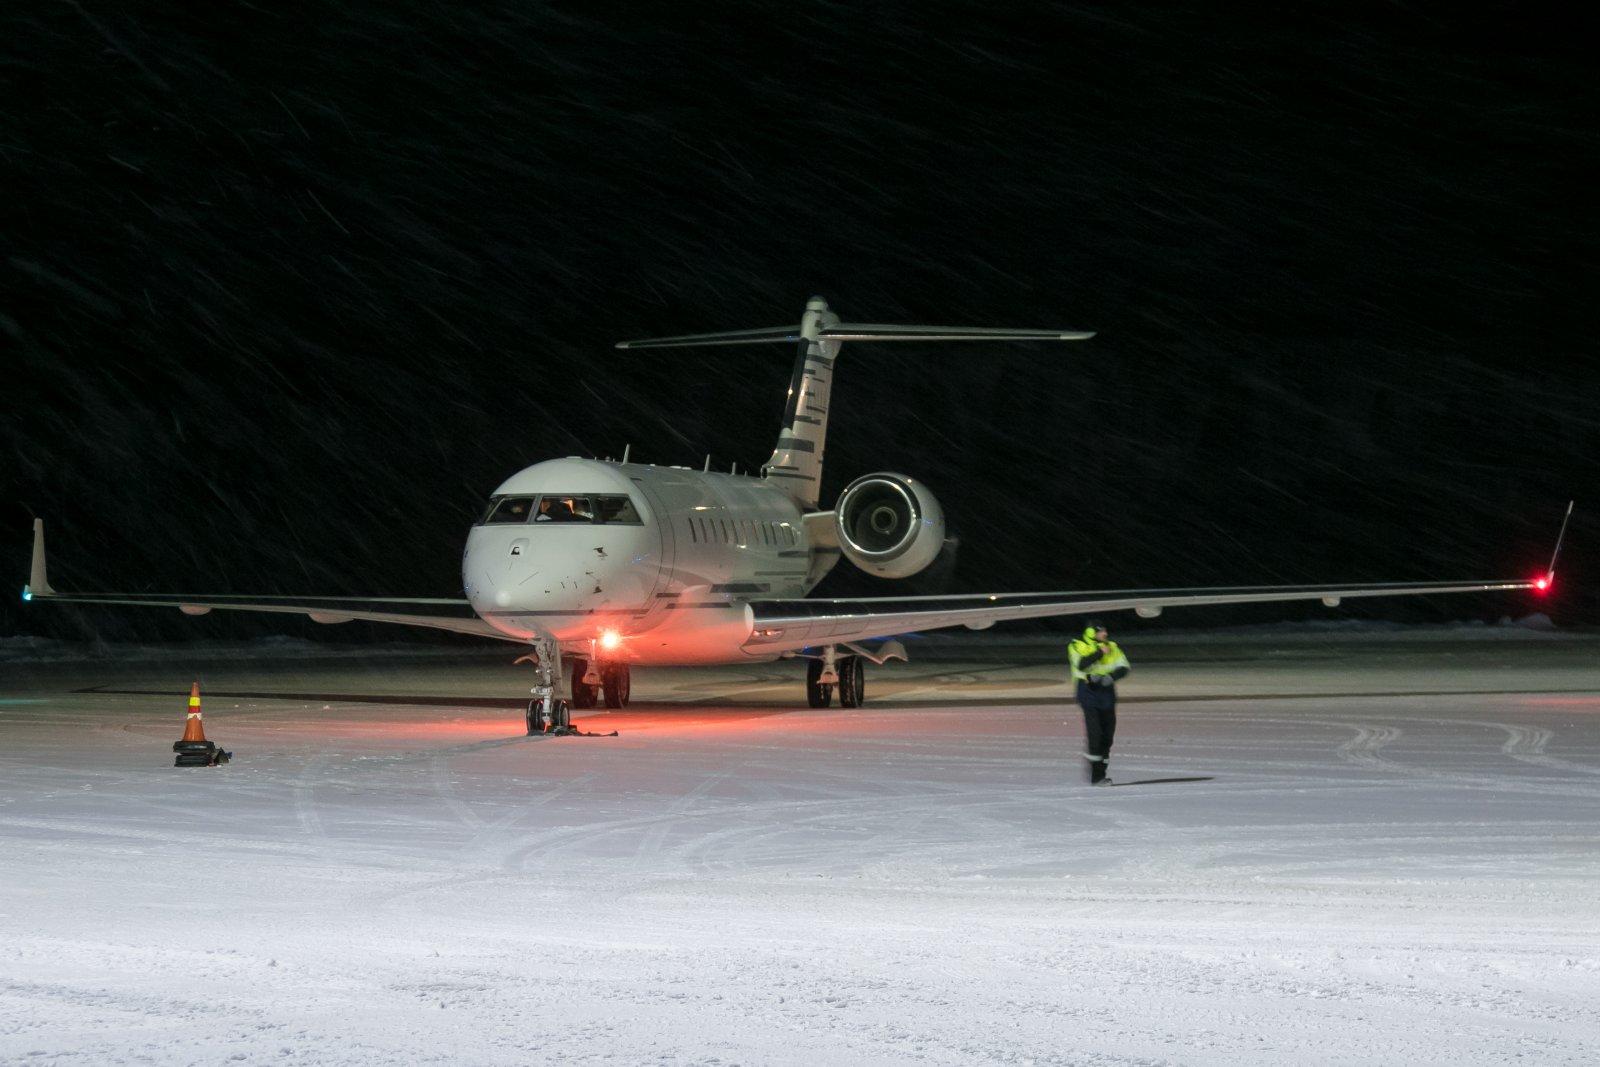 9H-AMN. Bombardier BD-700-1A11 Global 5000. 13.12.2019